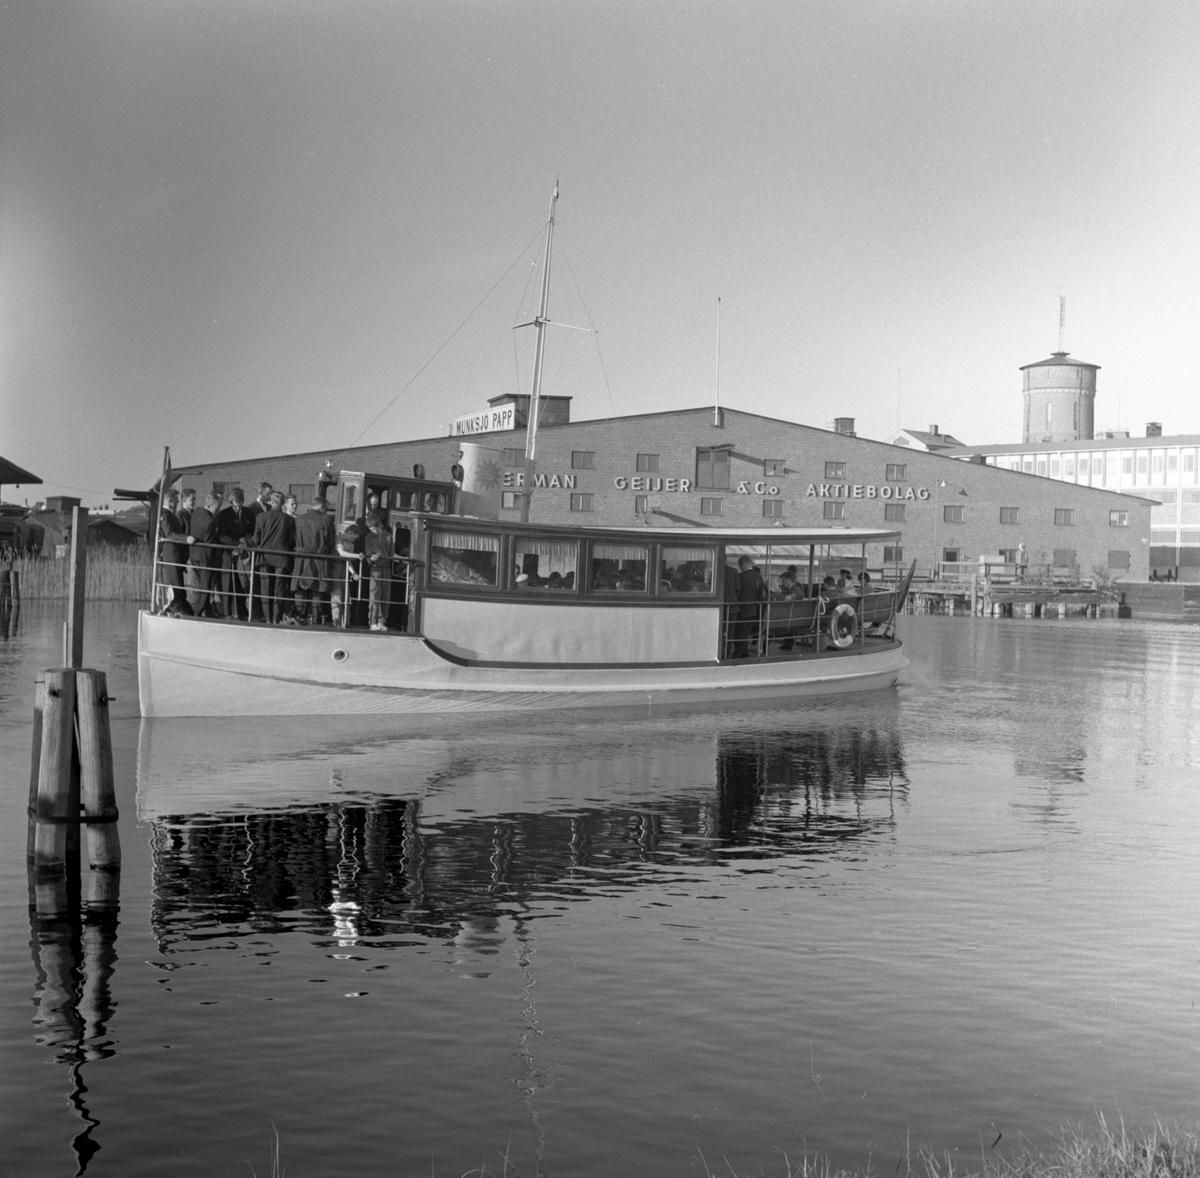 Studenter tar båten till restaurang Tynäs 590524.